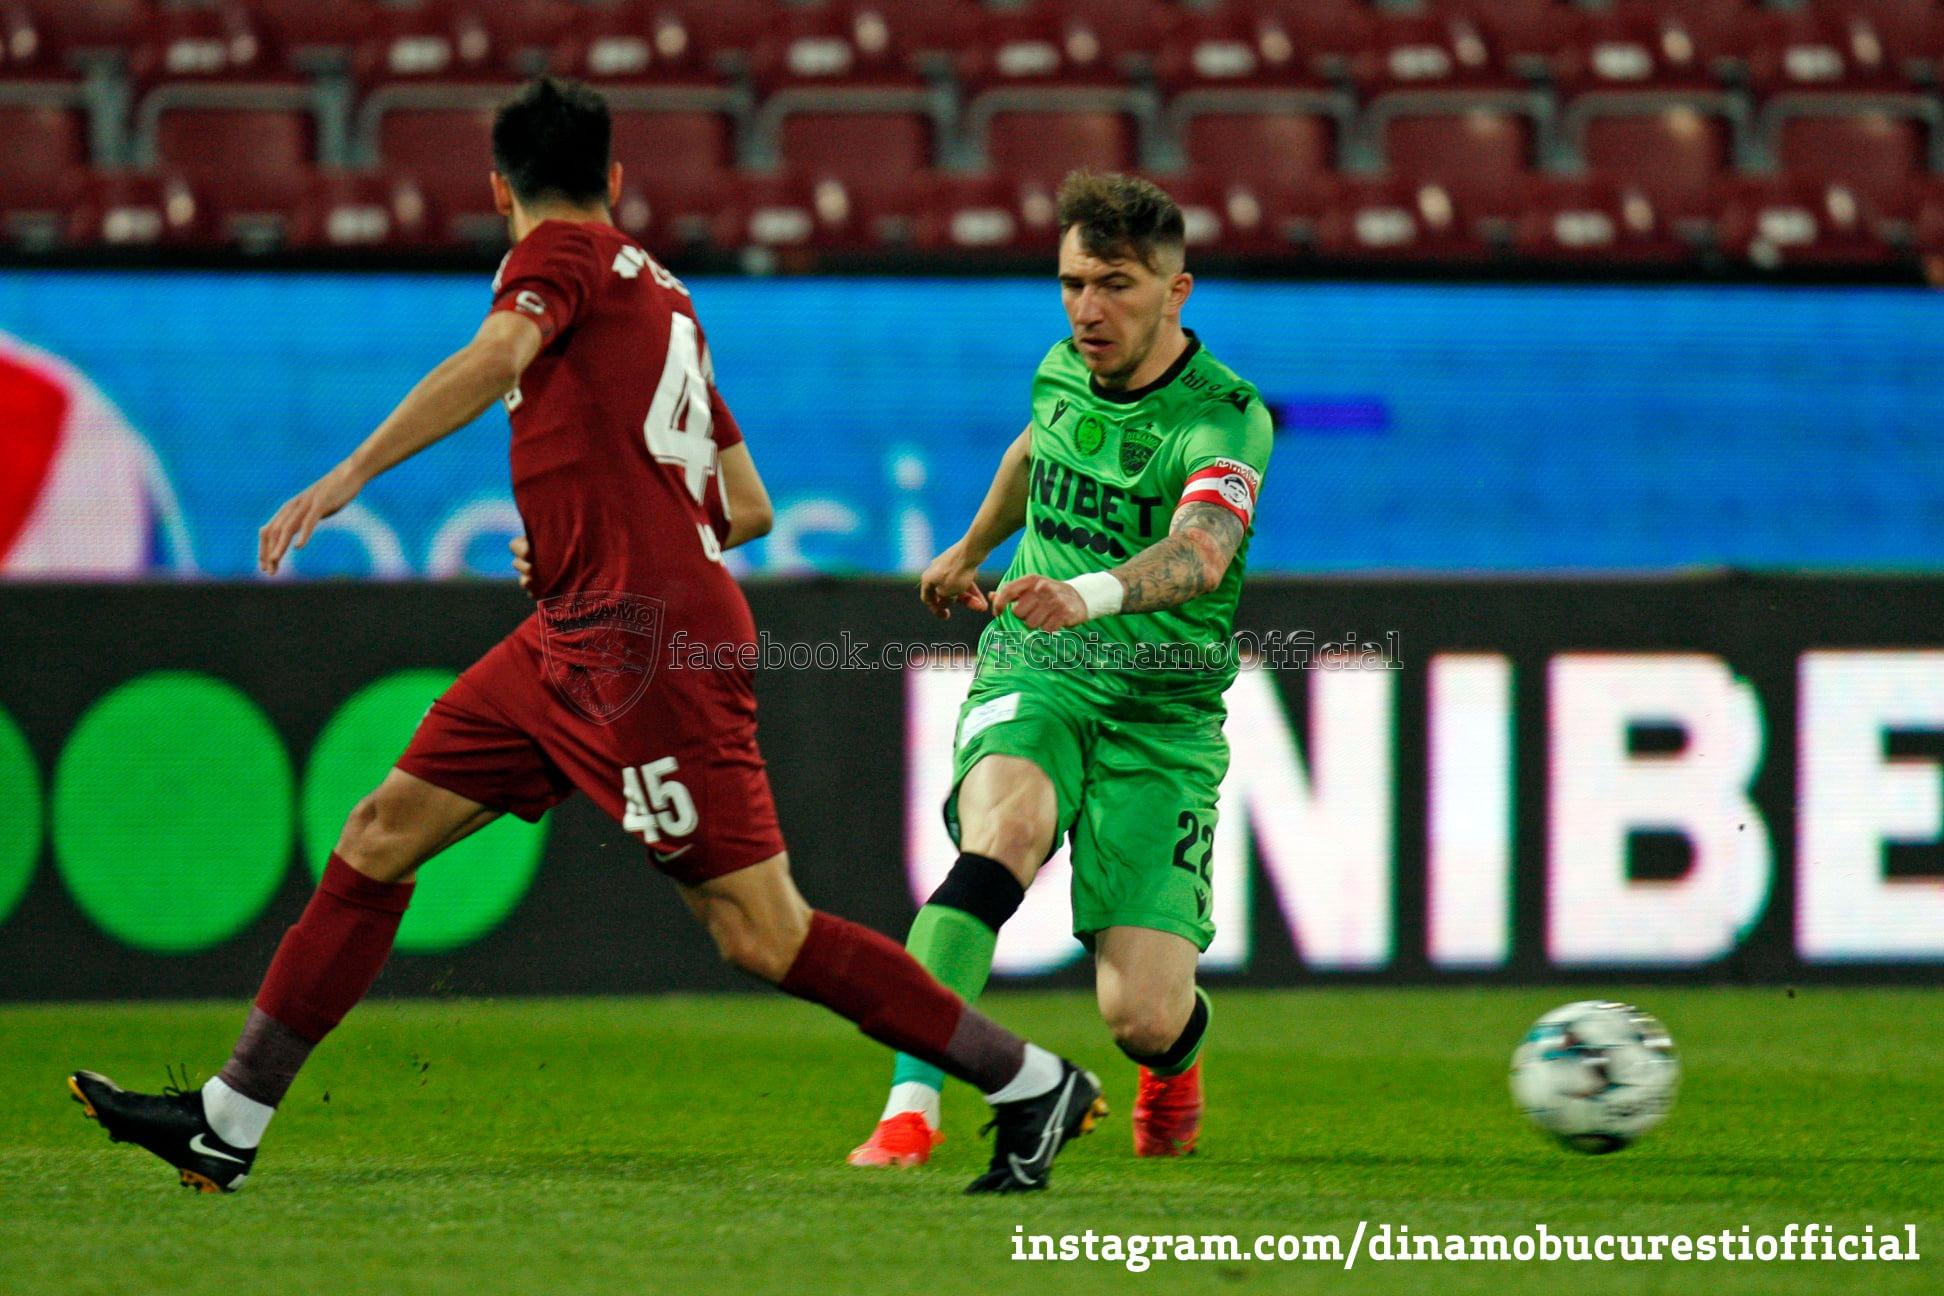 Dinamo CFR Sorescu